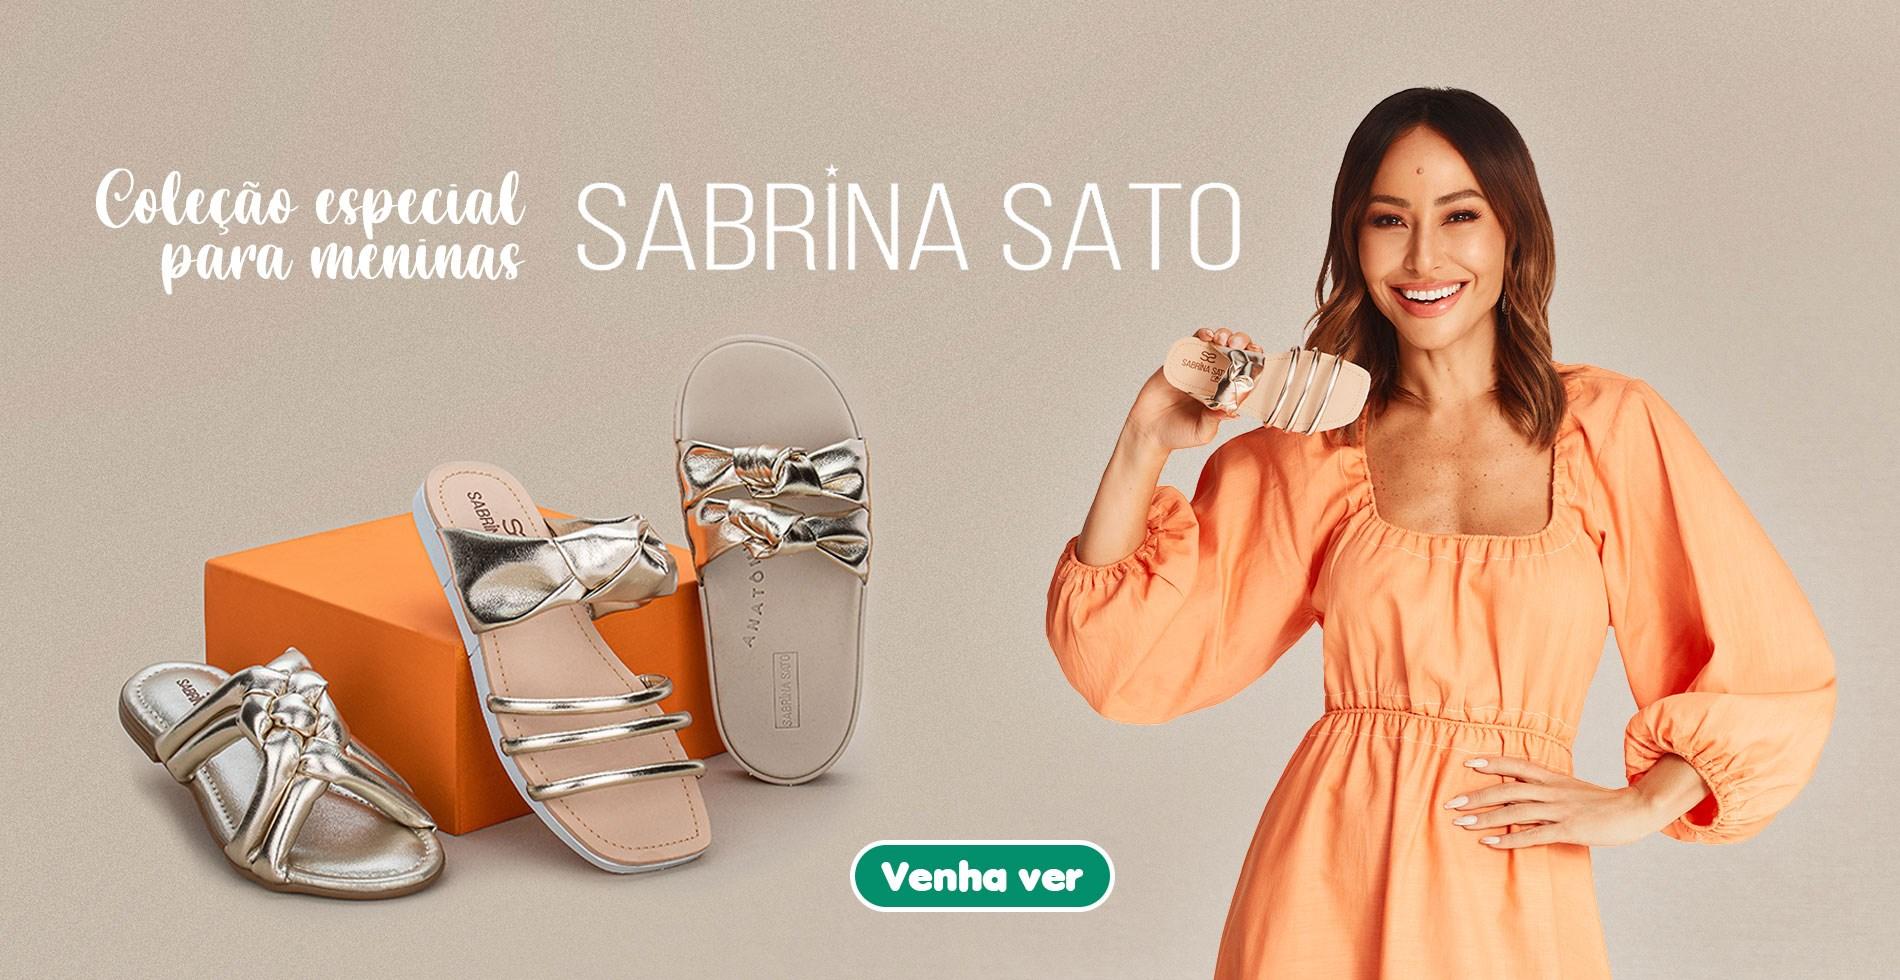 Coleção Especial para Meninas Sabrina Sato